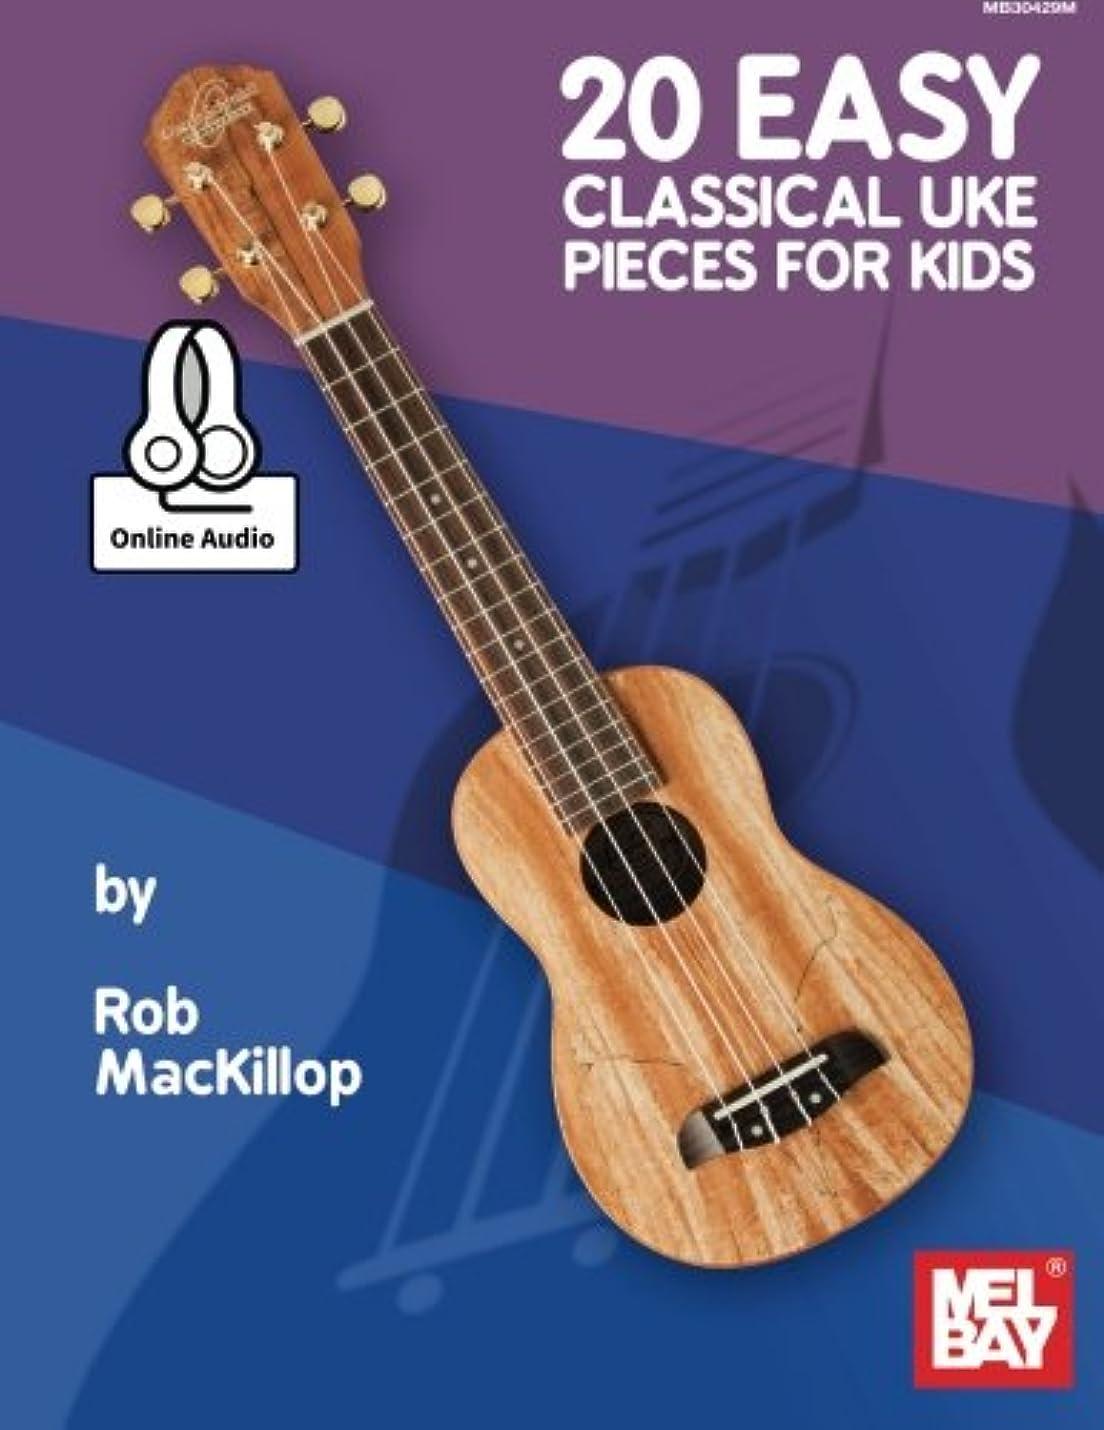 虚栄心マージワイヤー20 Easy Classical Uke Pieces for Kids: Includes Online Audio